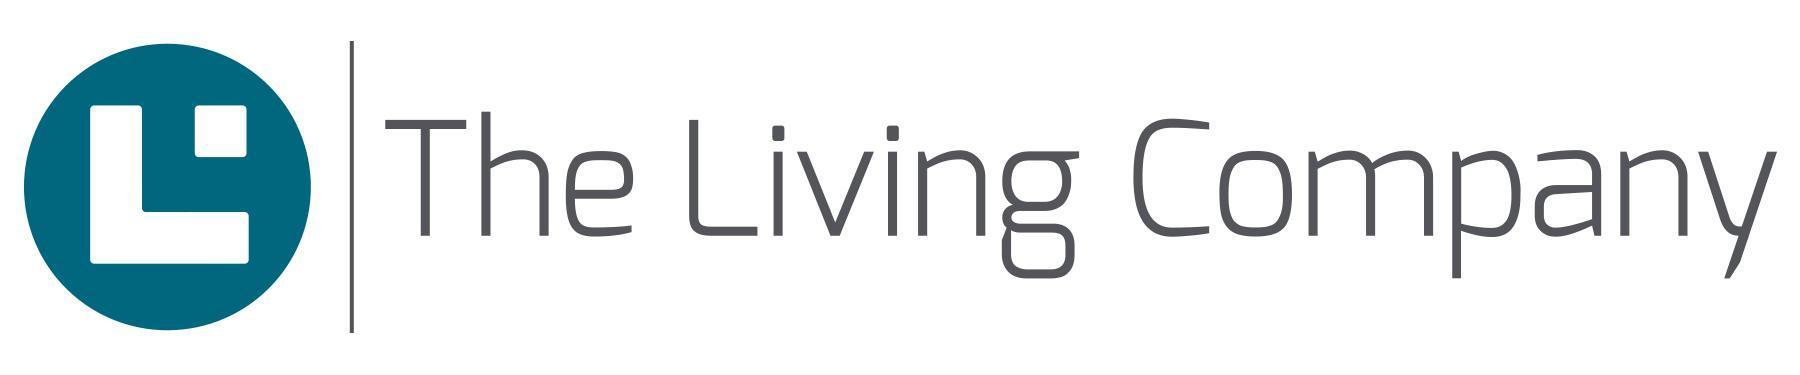 The Living Company company logo